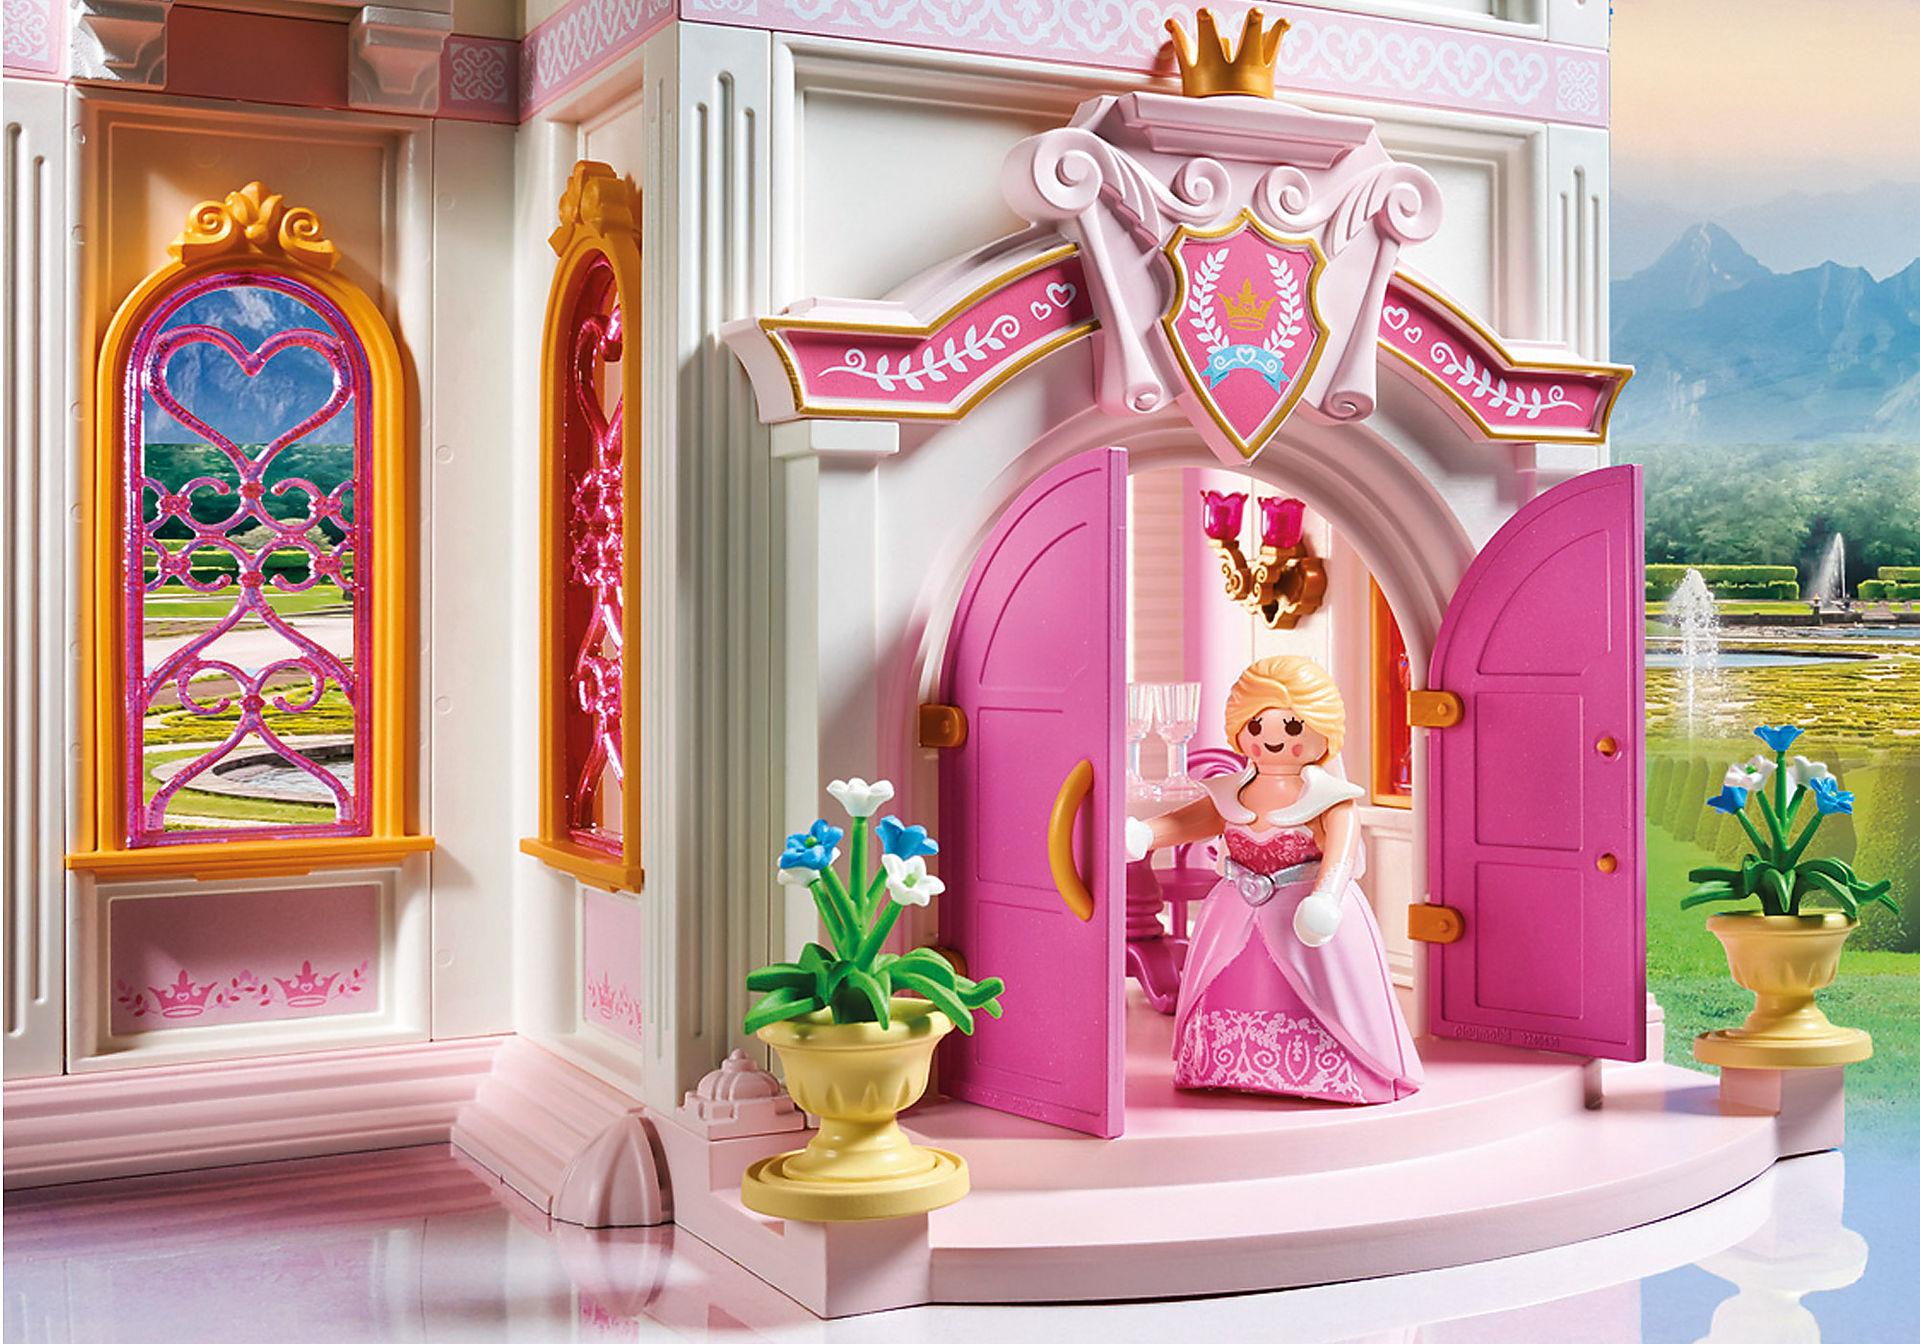 70447 Duży zamek księżniczki zoom image5